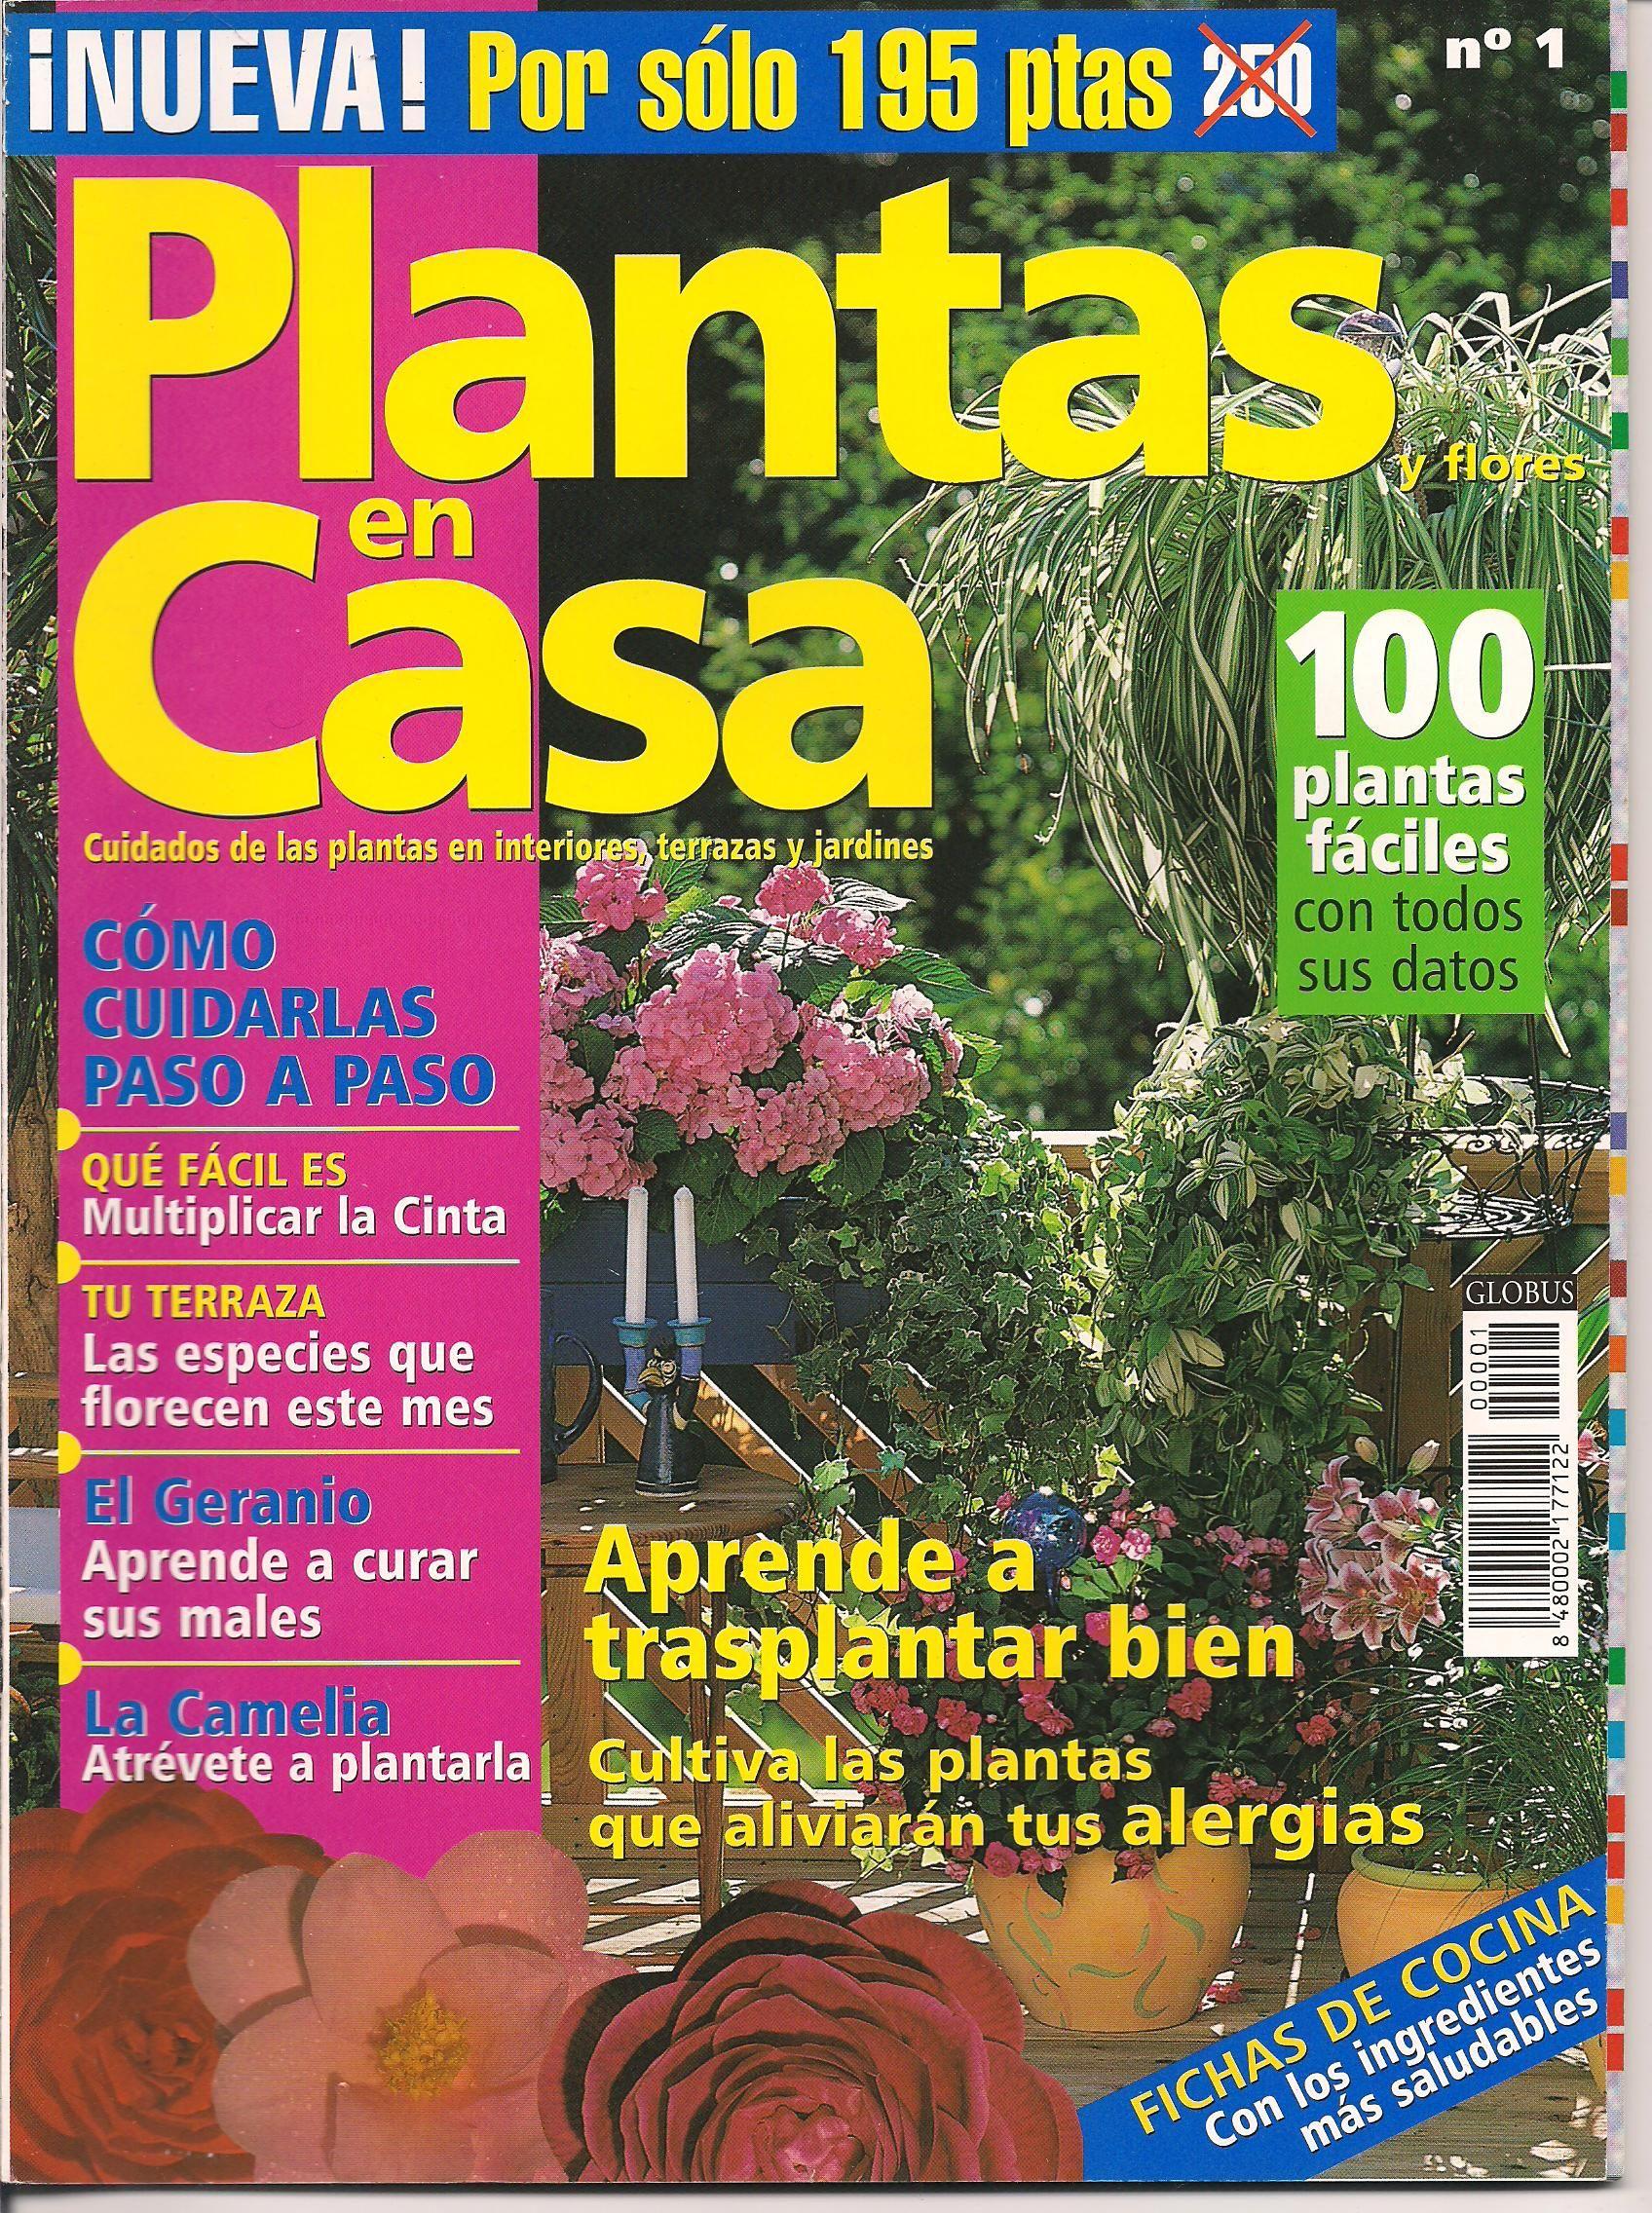 Año 2.000 Plantas facilisimo, Geranios, Florecer